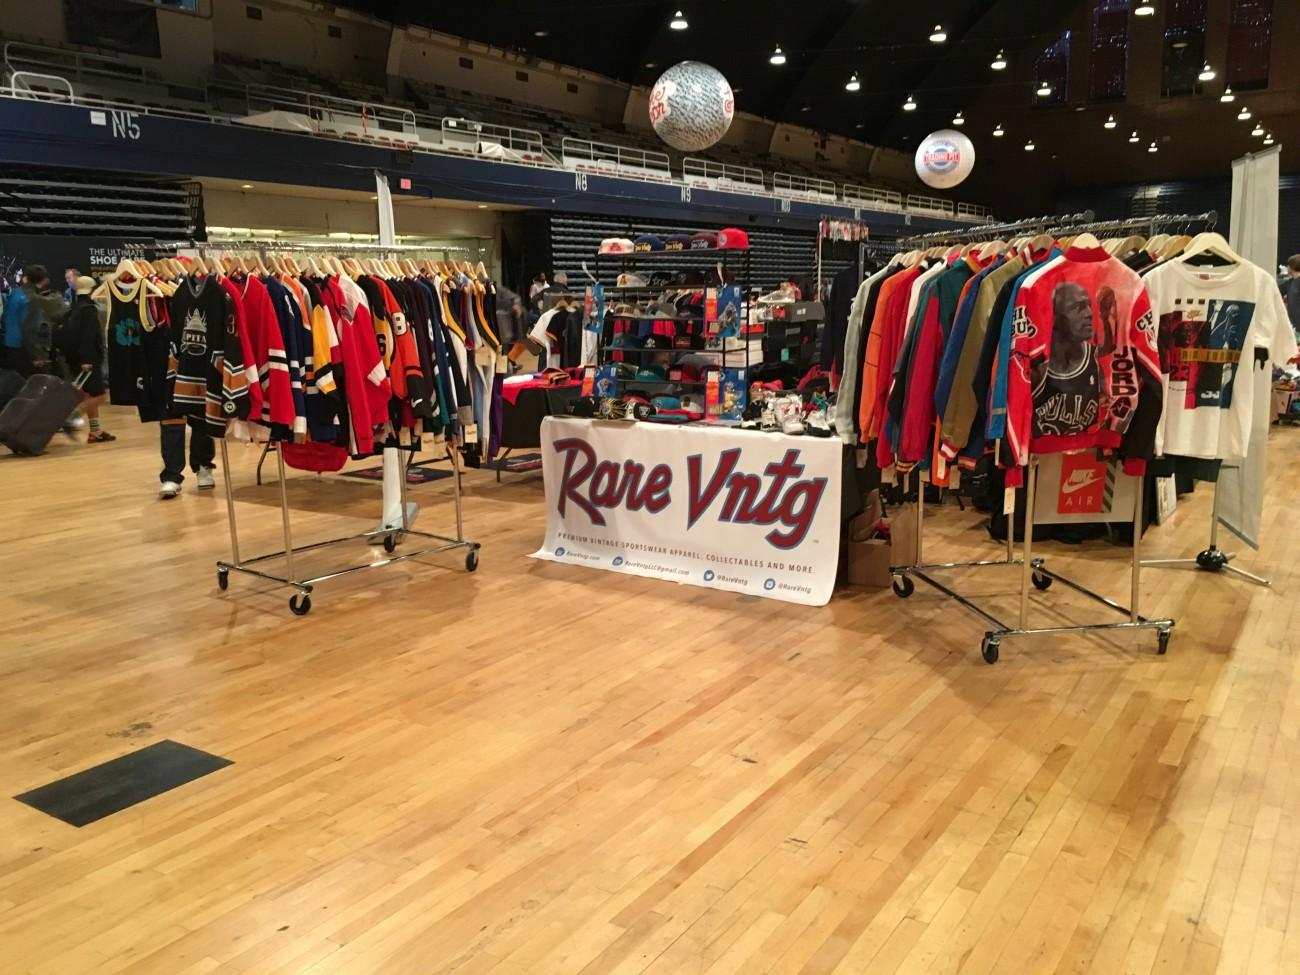 Rare Vntg Sneaker Con DC November 2015